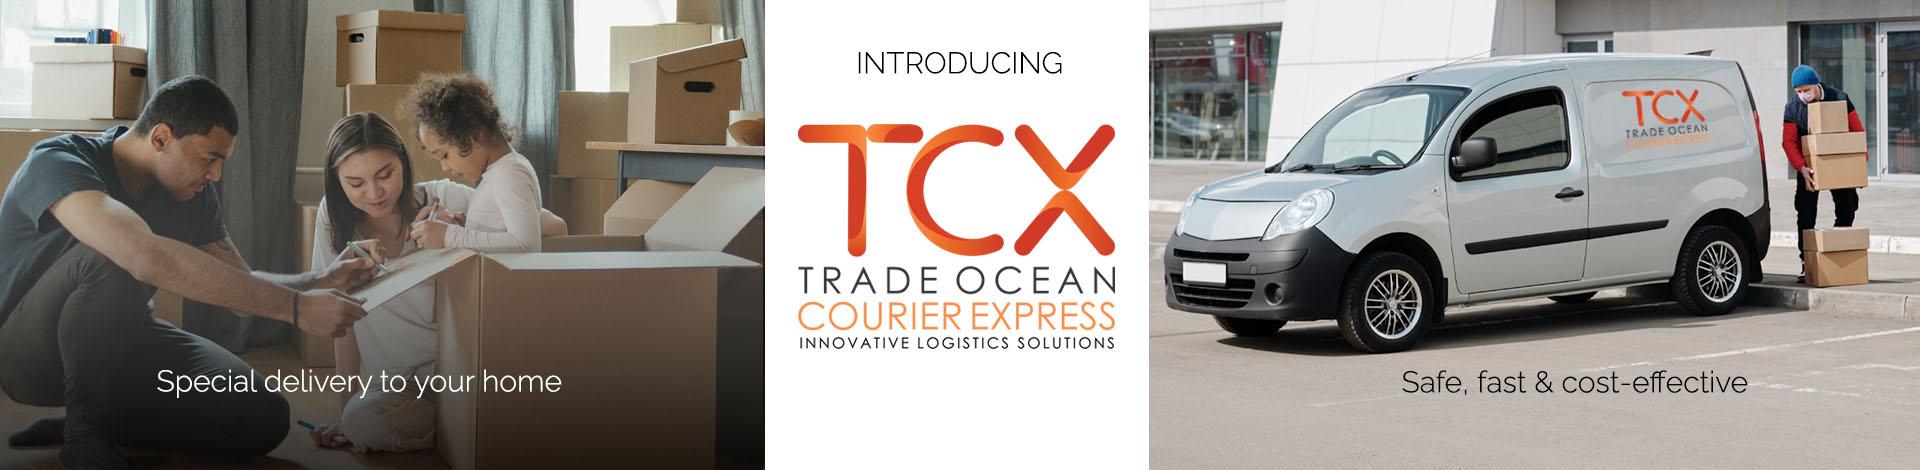 Trade Ocean Courier Express